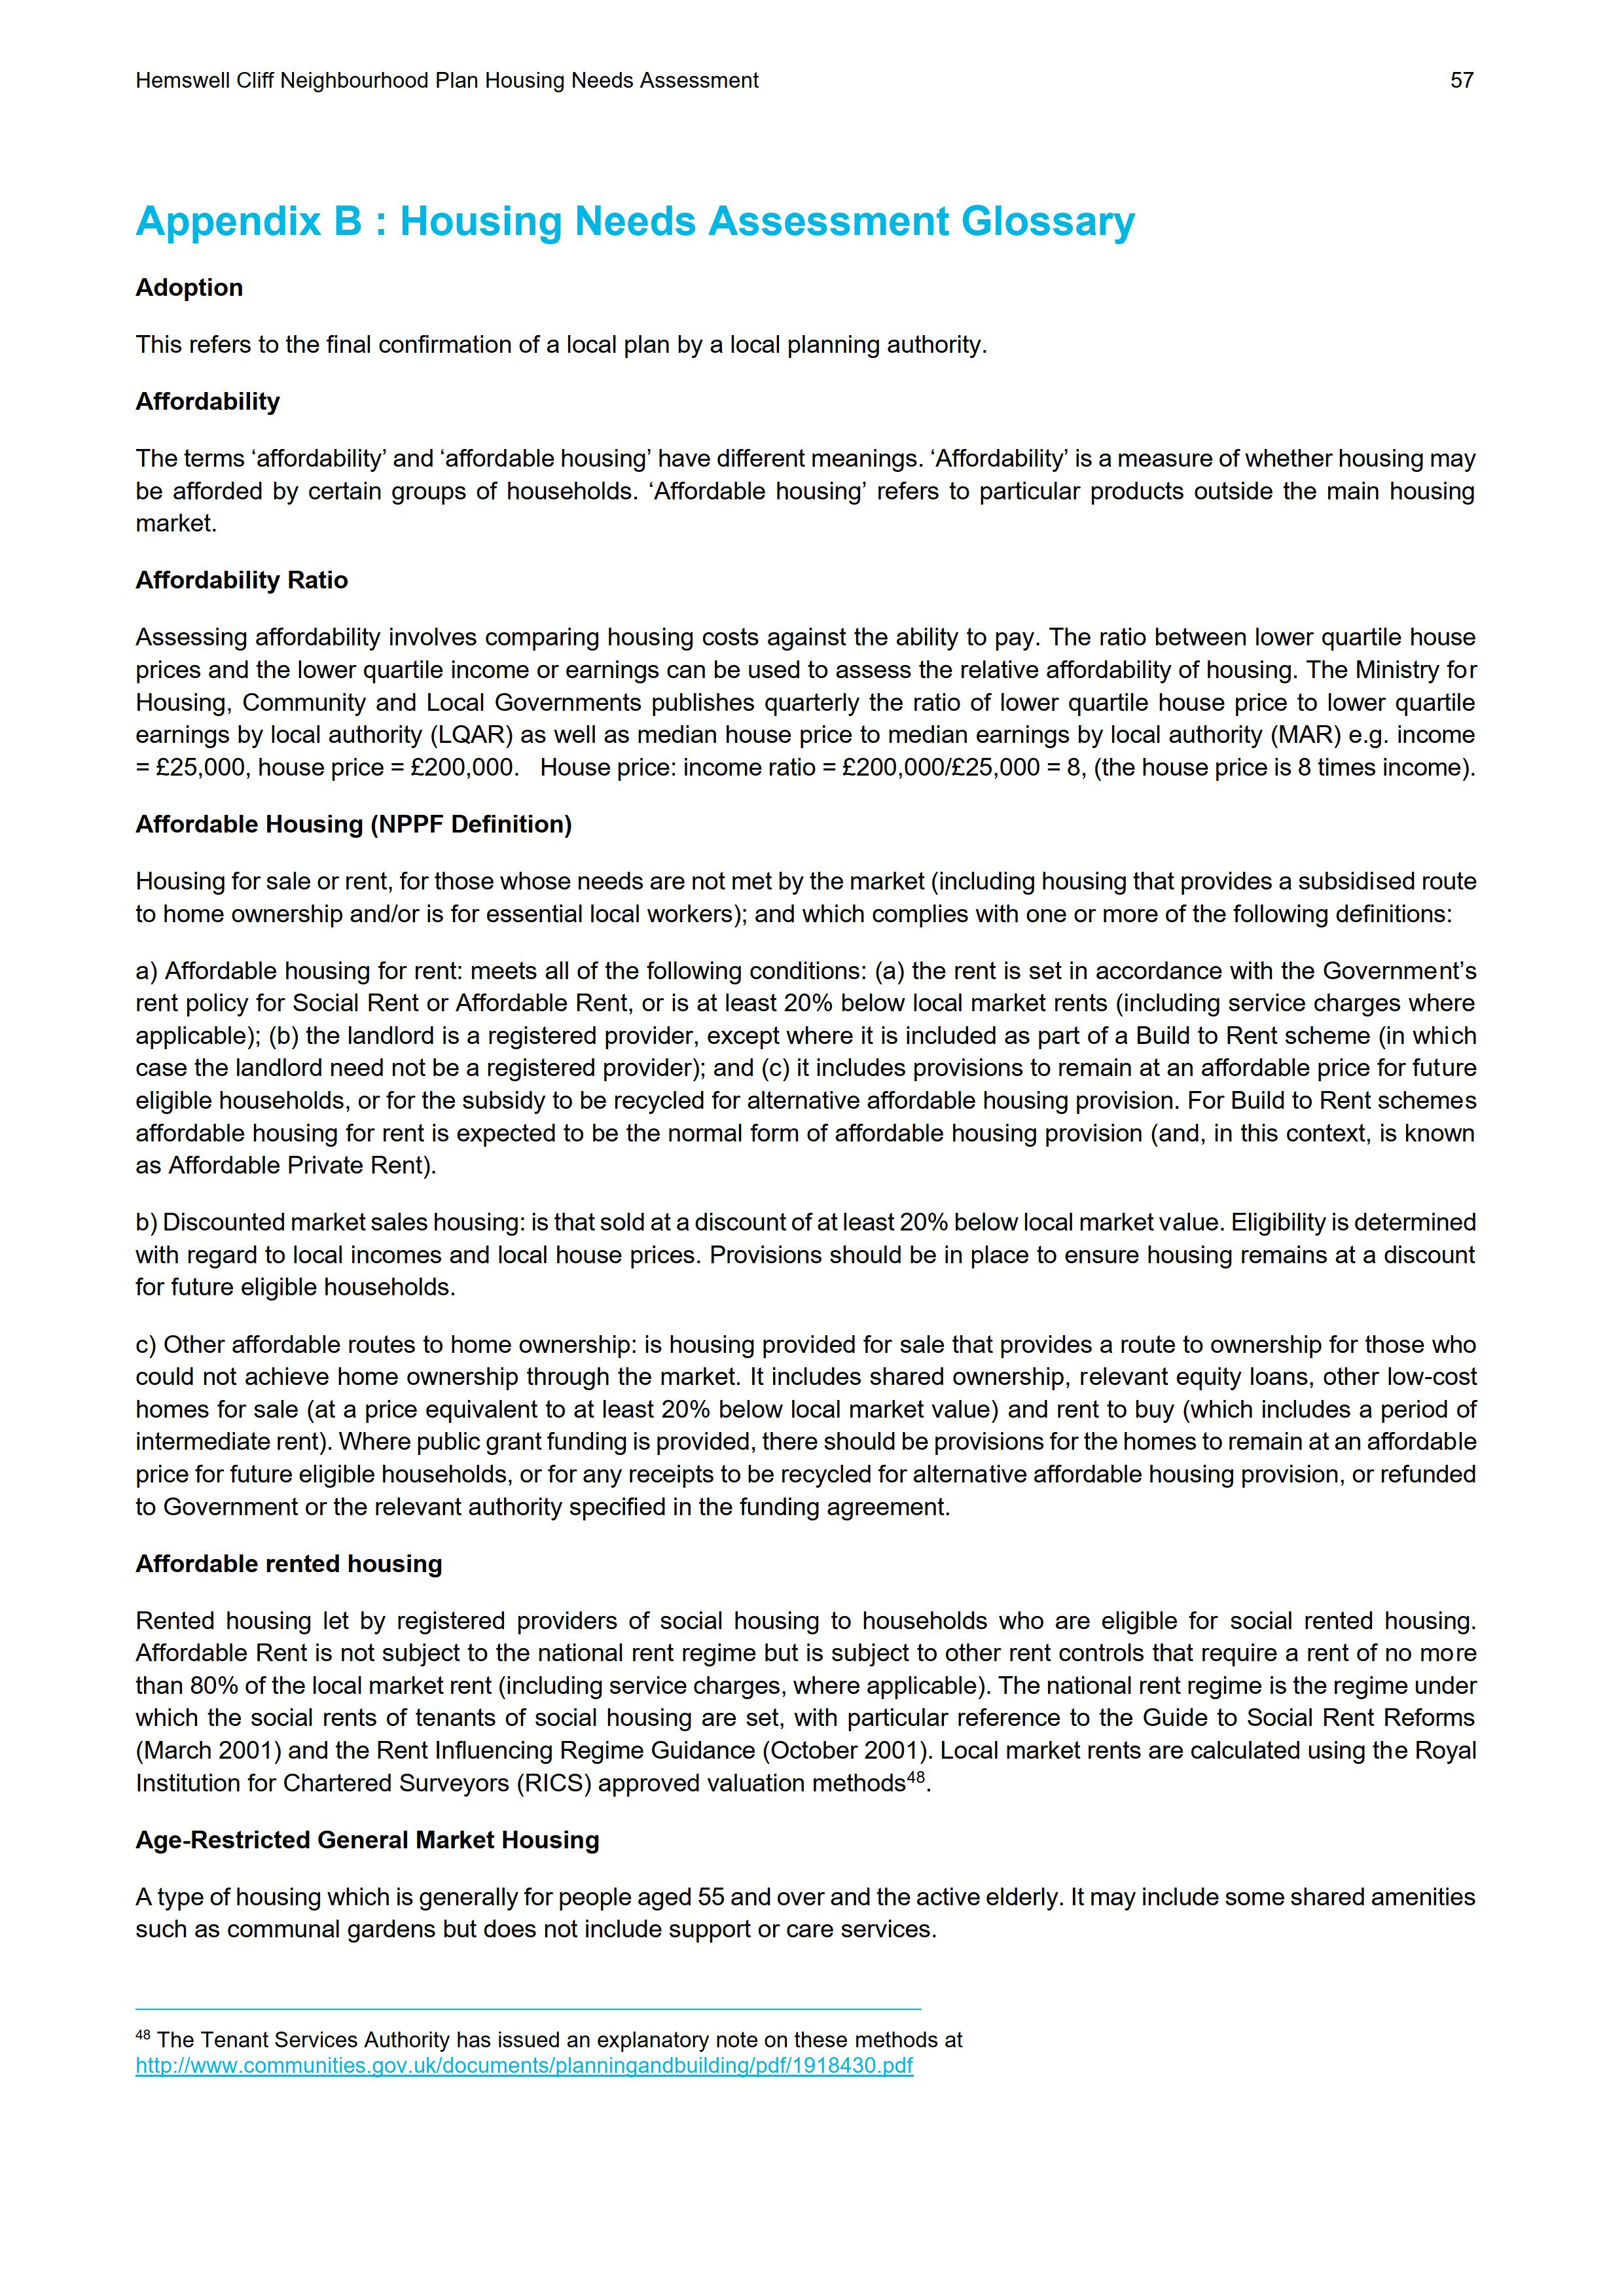 Hemswell_Cliff_Housing_Needs_Assessment_Final_57.png